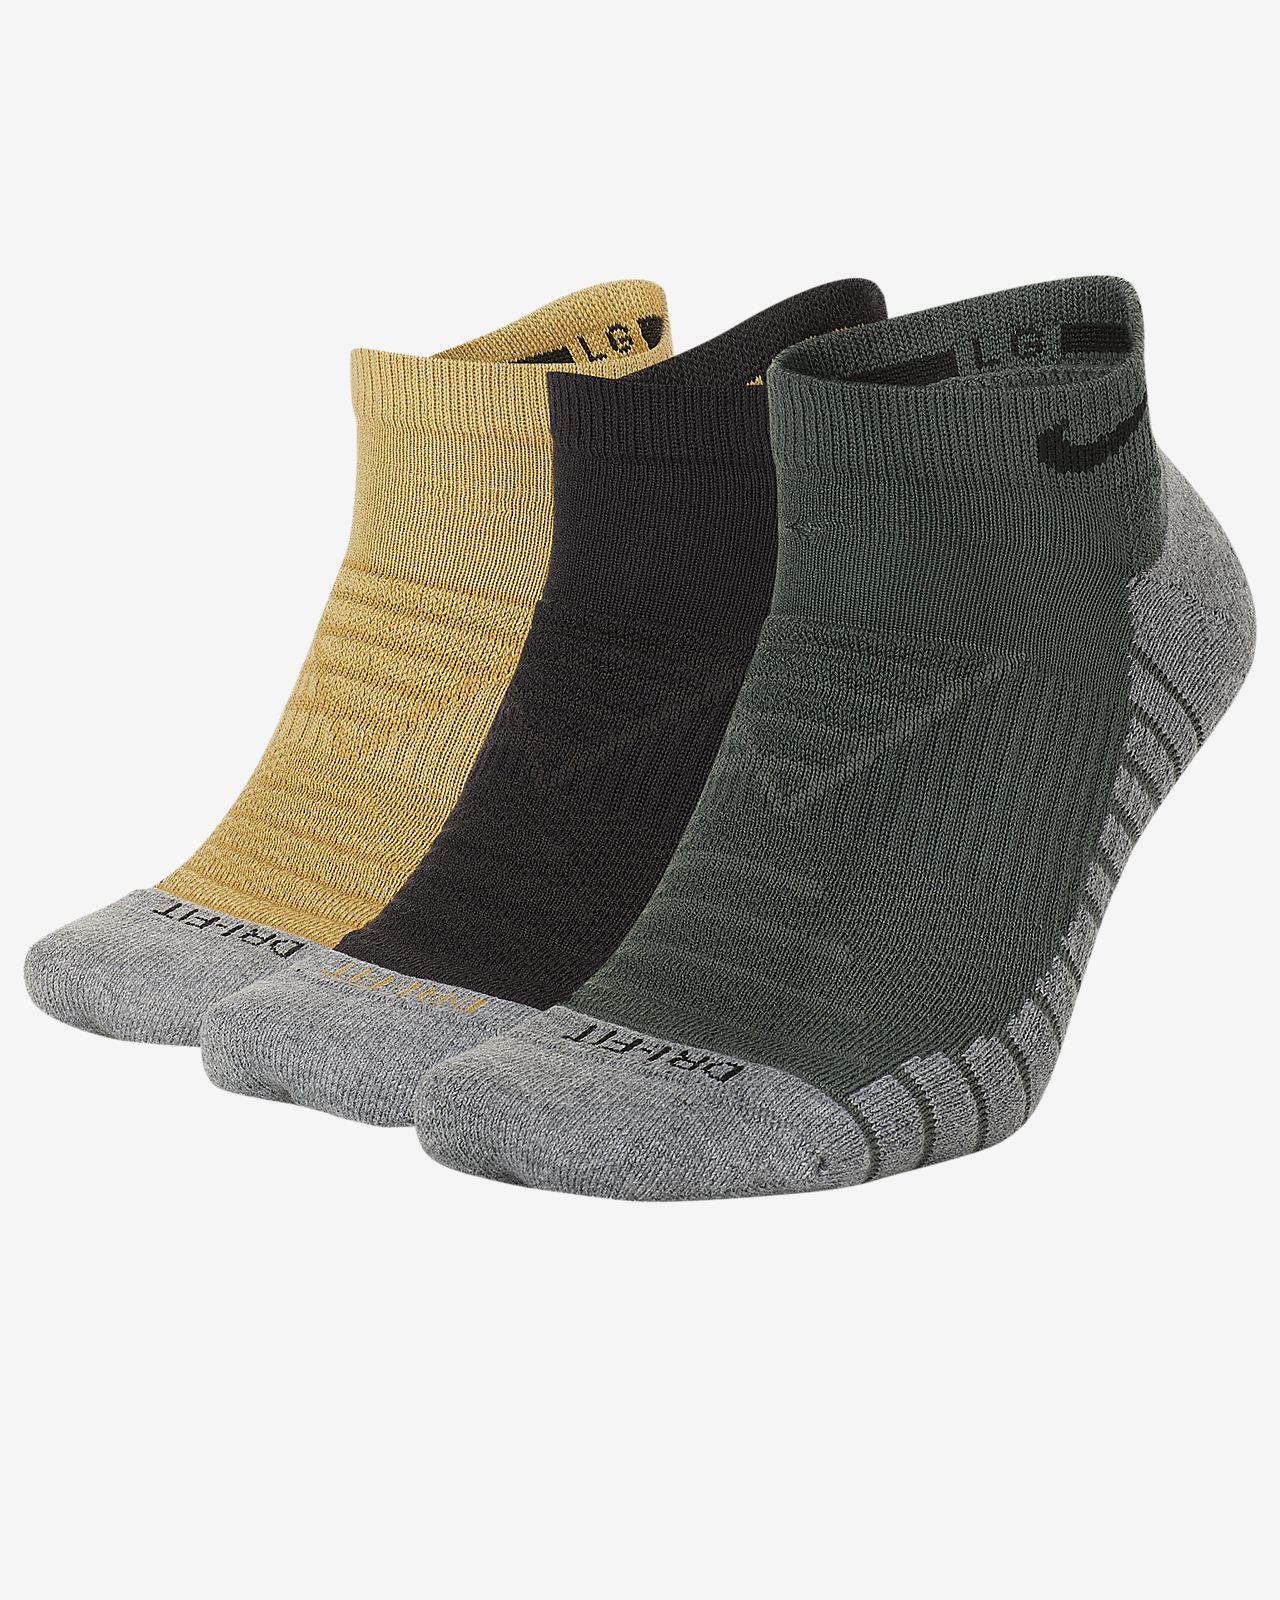 c5206706666ae1 Nike Dry Cushion No-Show Training Socks (3 Pair). Nike.com